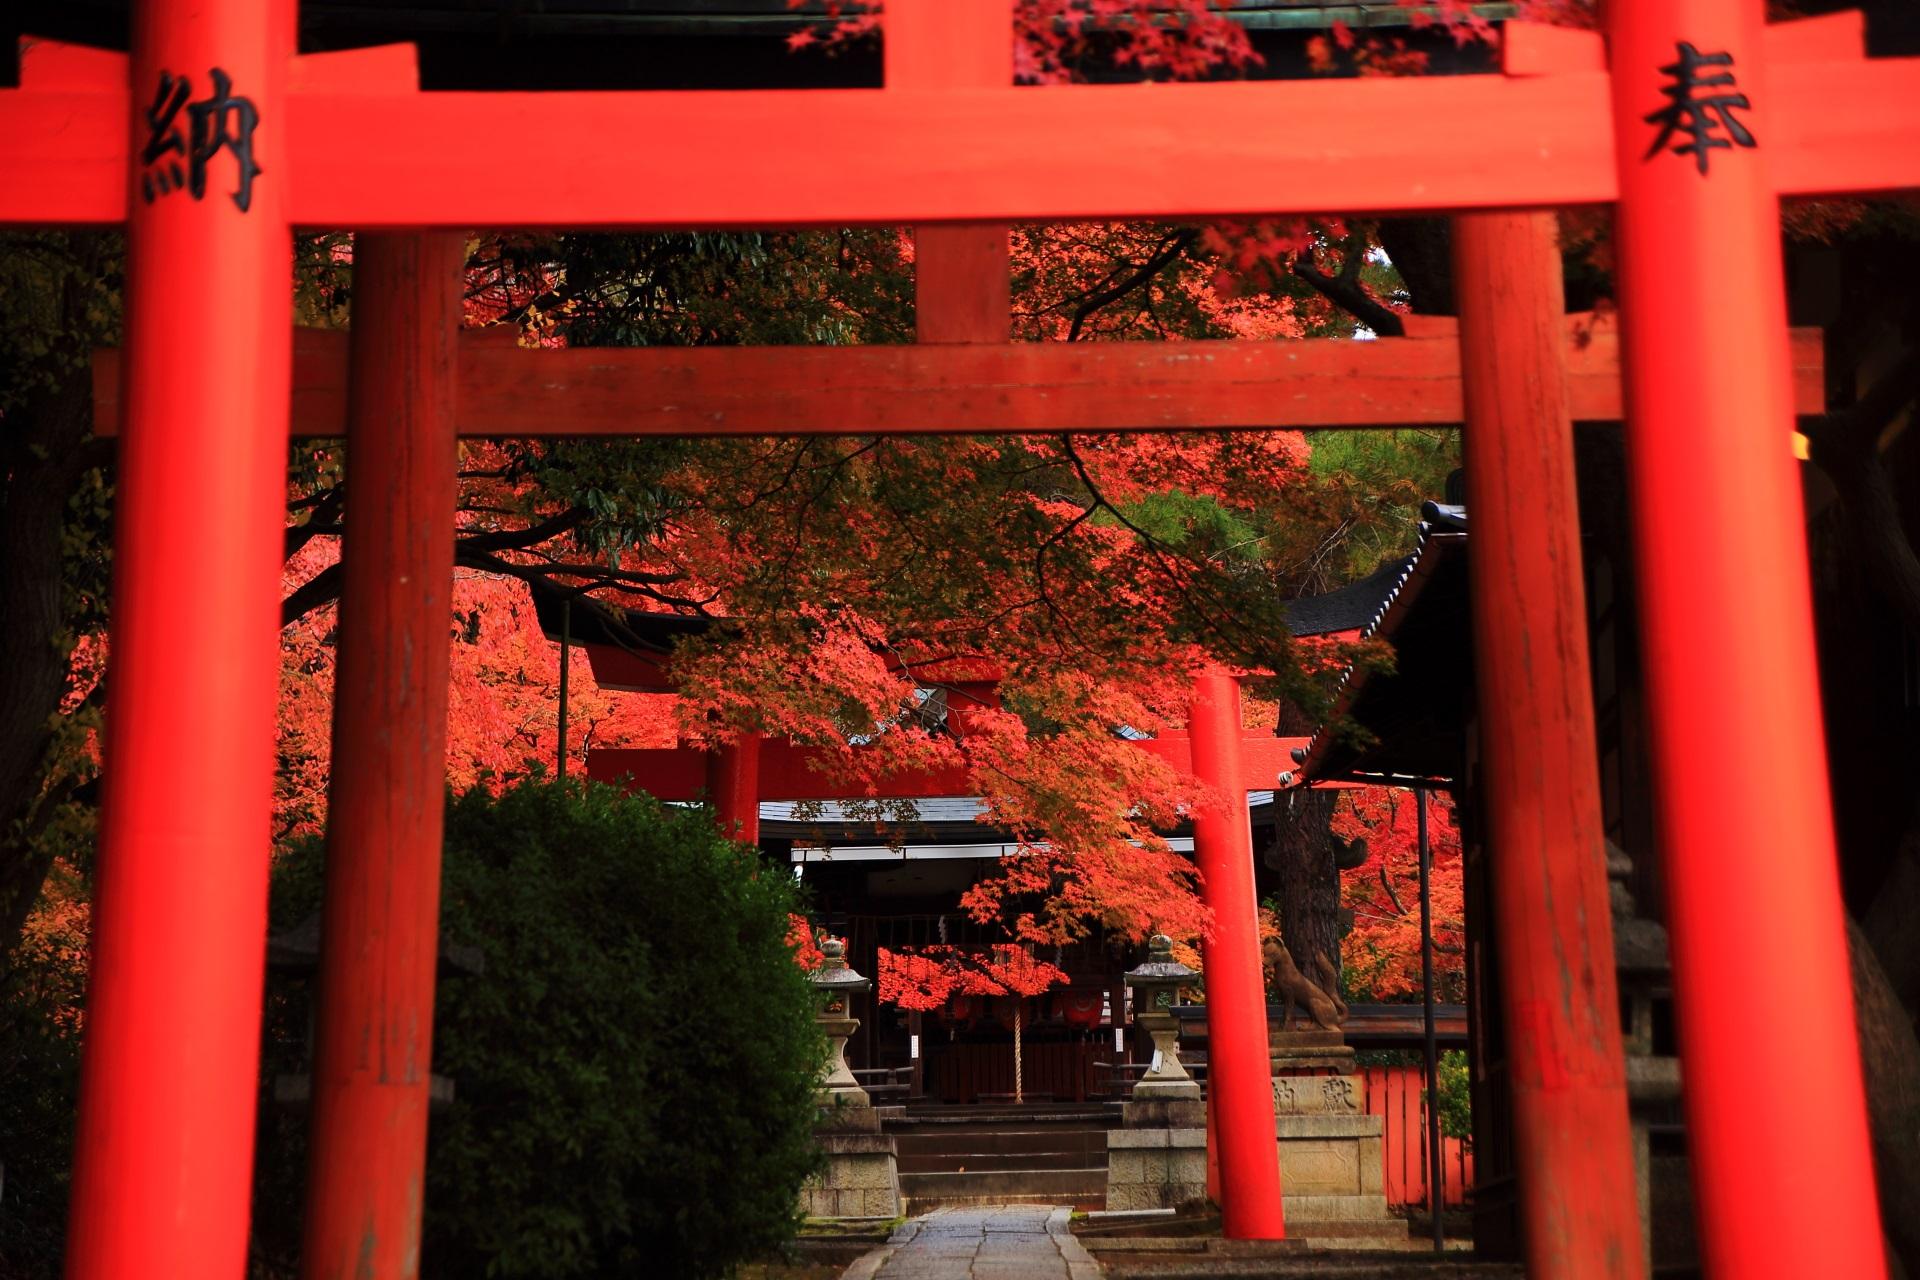 朱色の鳥居から溢れ出る艶やかな紅葉